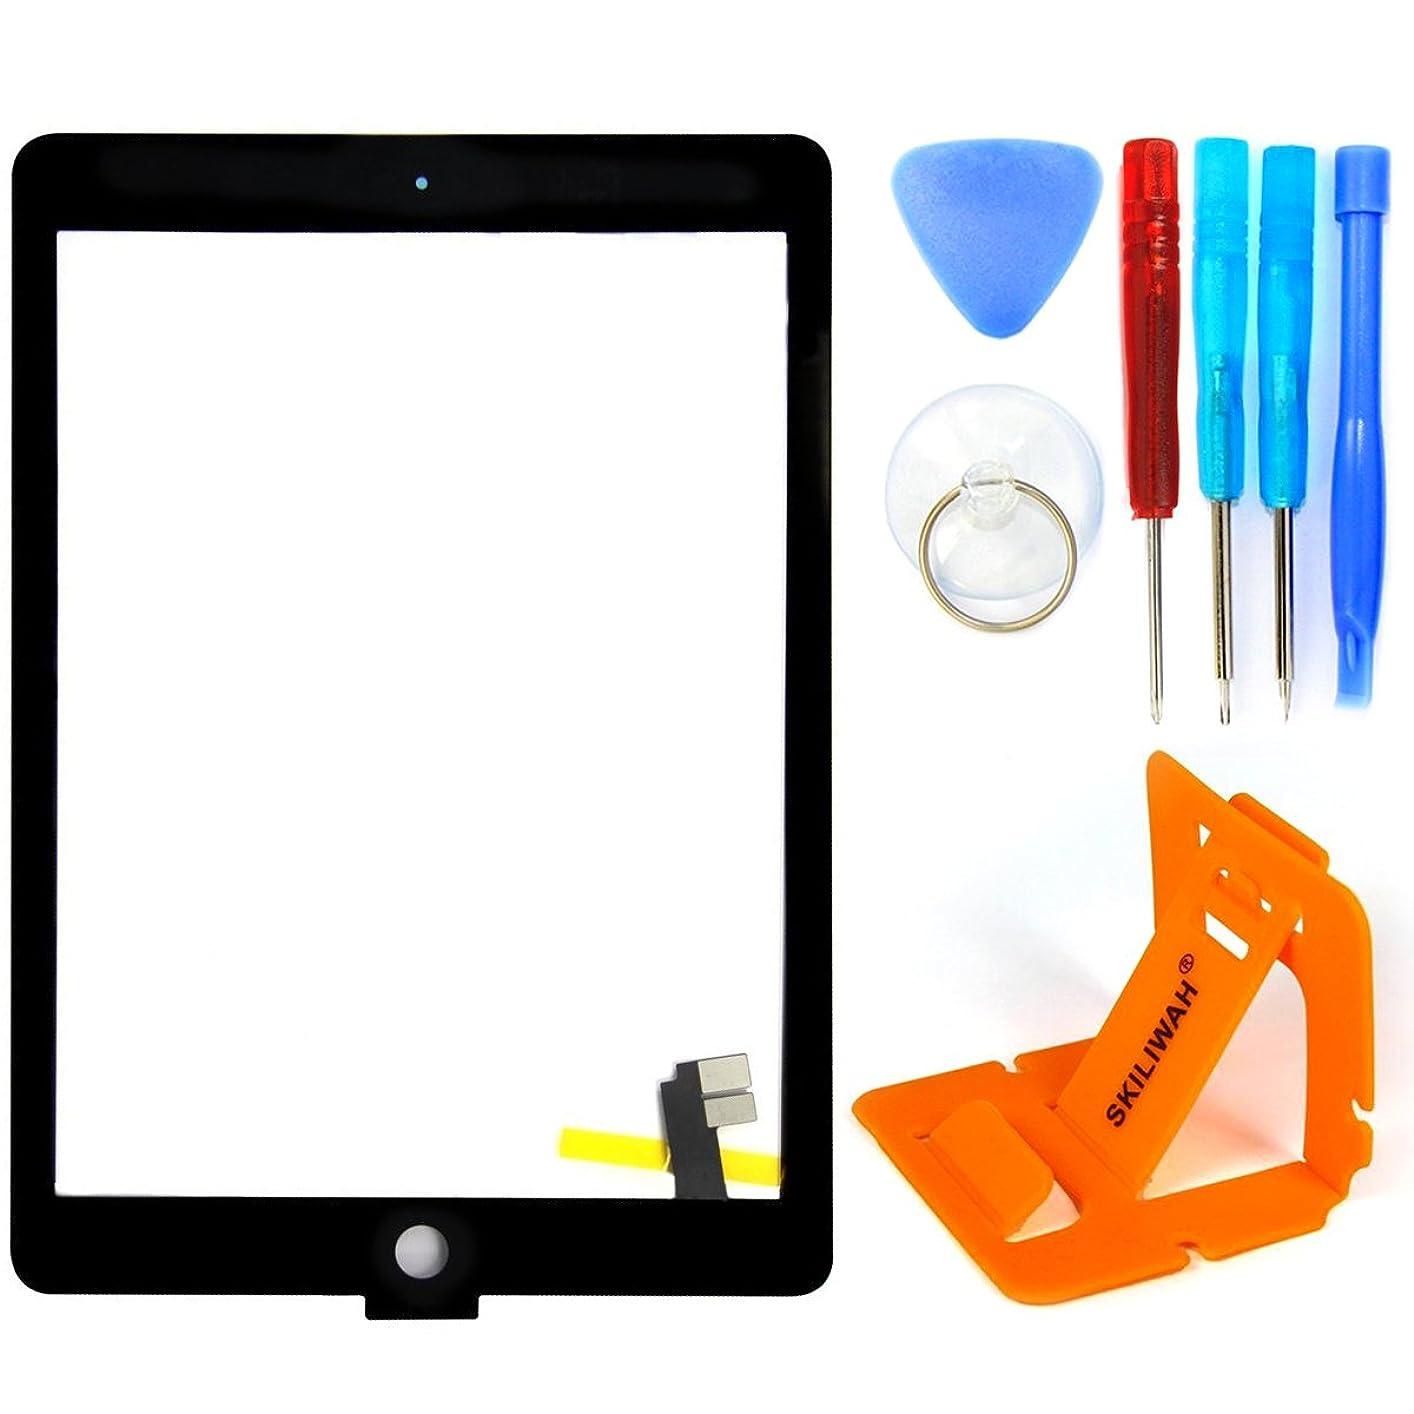 主観的なかなか慈悲SKILIWAH? iPad Air2 ipad6交換修理用 タッチパネル(フロントガラスデジタイザ)タッチスクリーン 取り付けテープ付属 ツール付き 修理パーツ部品 ブラック